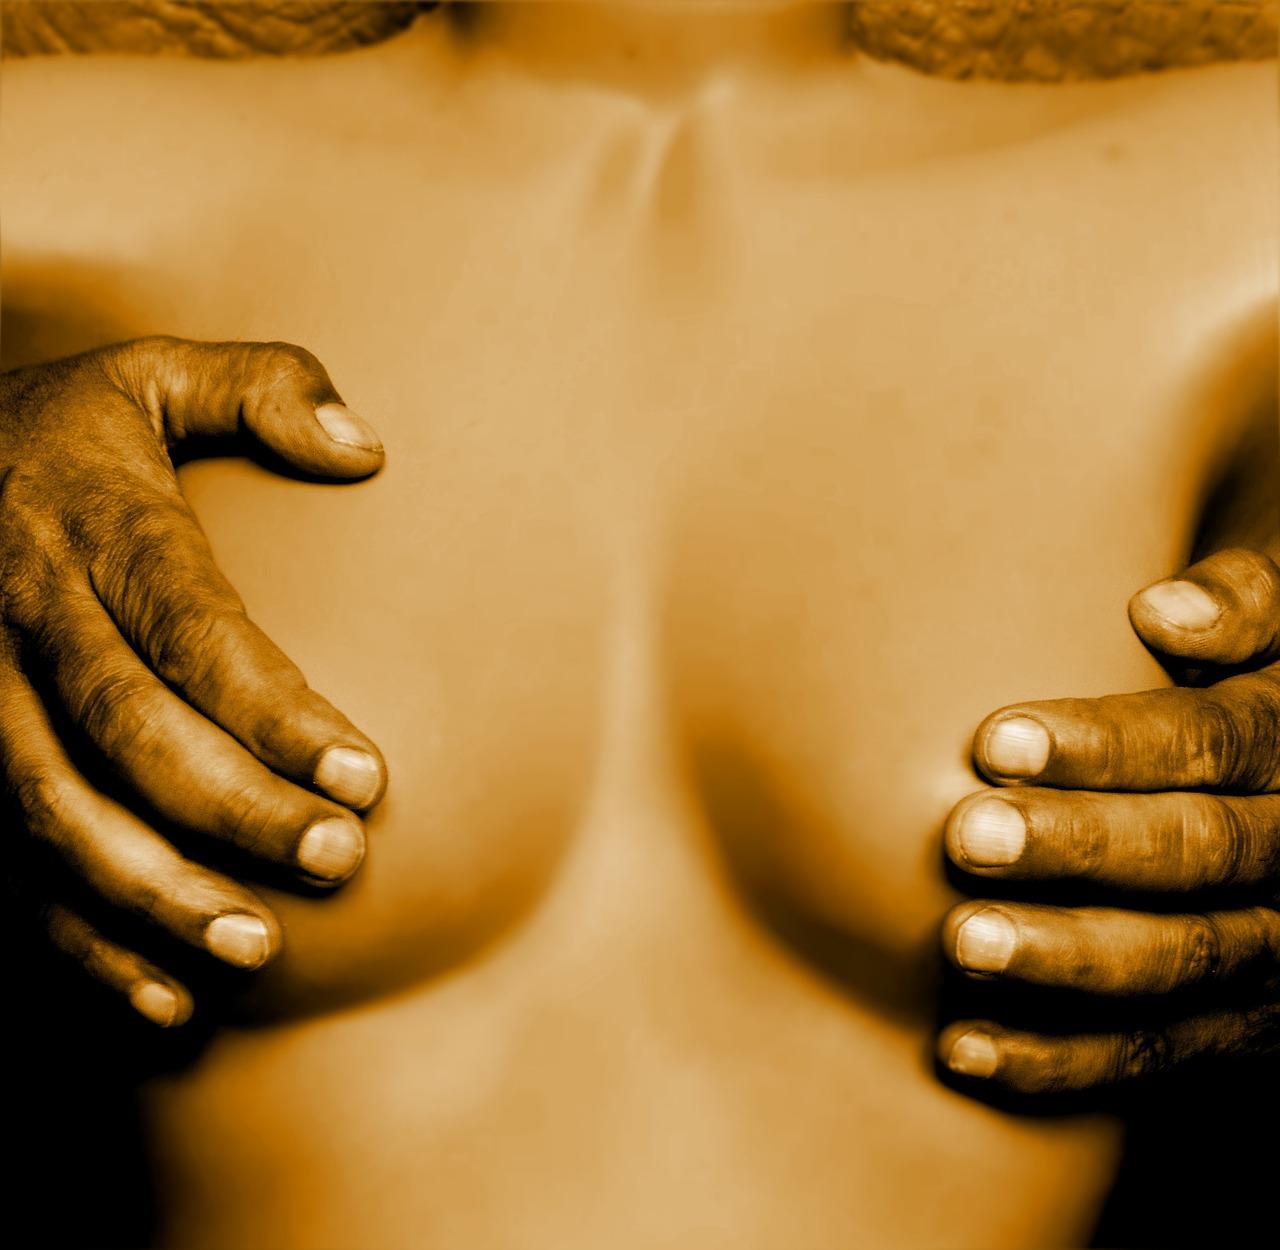 woman 1008881 1280 - 胸のGスポット!スペンス乳腺尾部について調べてみた!